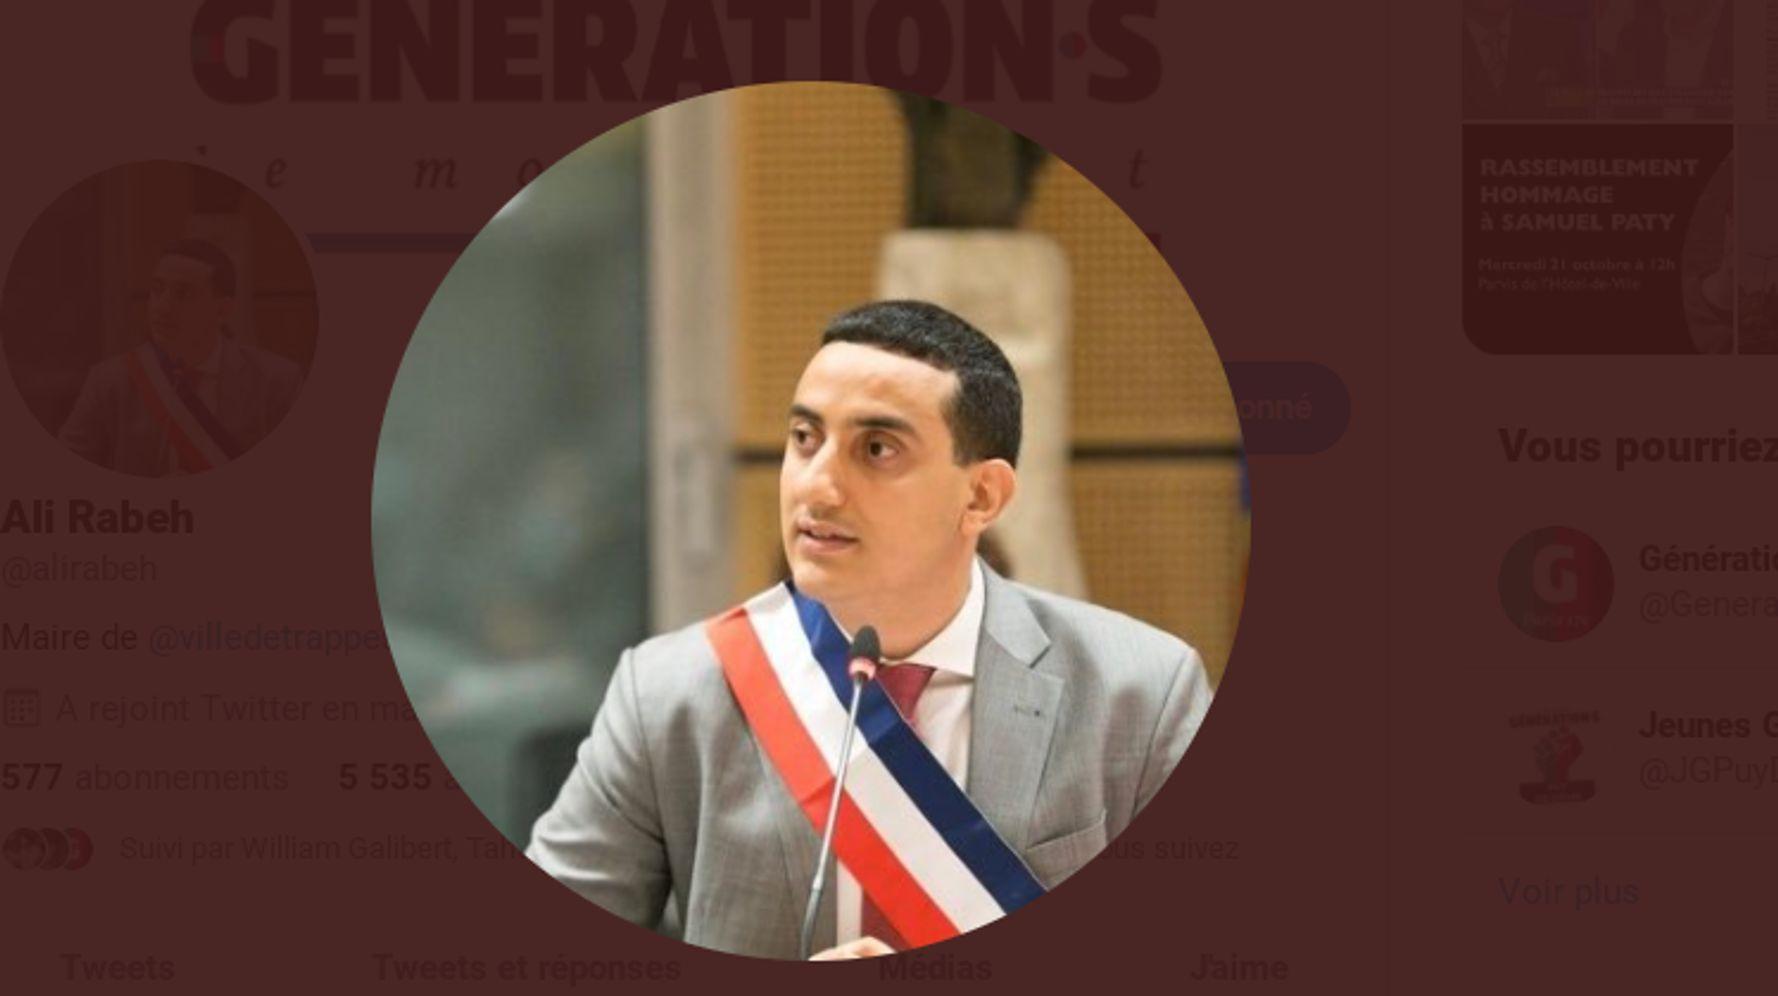 Ali Rabeh, maire de Trappes sous protection policière, enquête ouverte après des menaces de mort